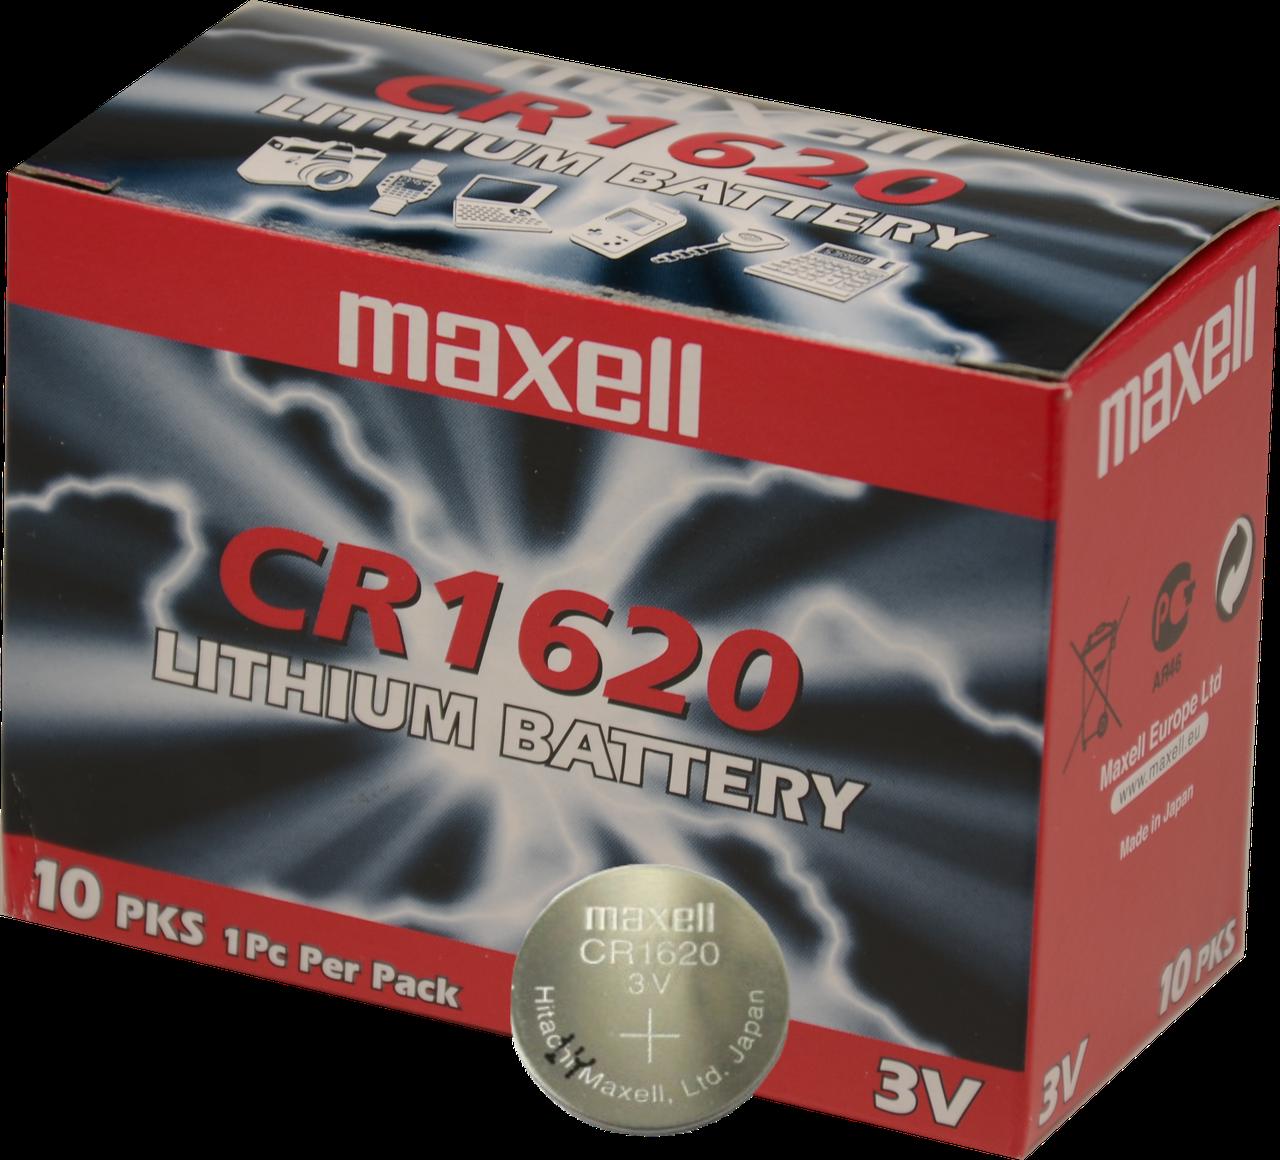 Батарейка Maxell CR1620, 10 шт(30 грн. за 1 шт./ 300 грн. за 10 шт.)